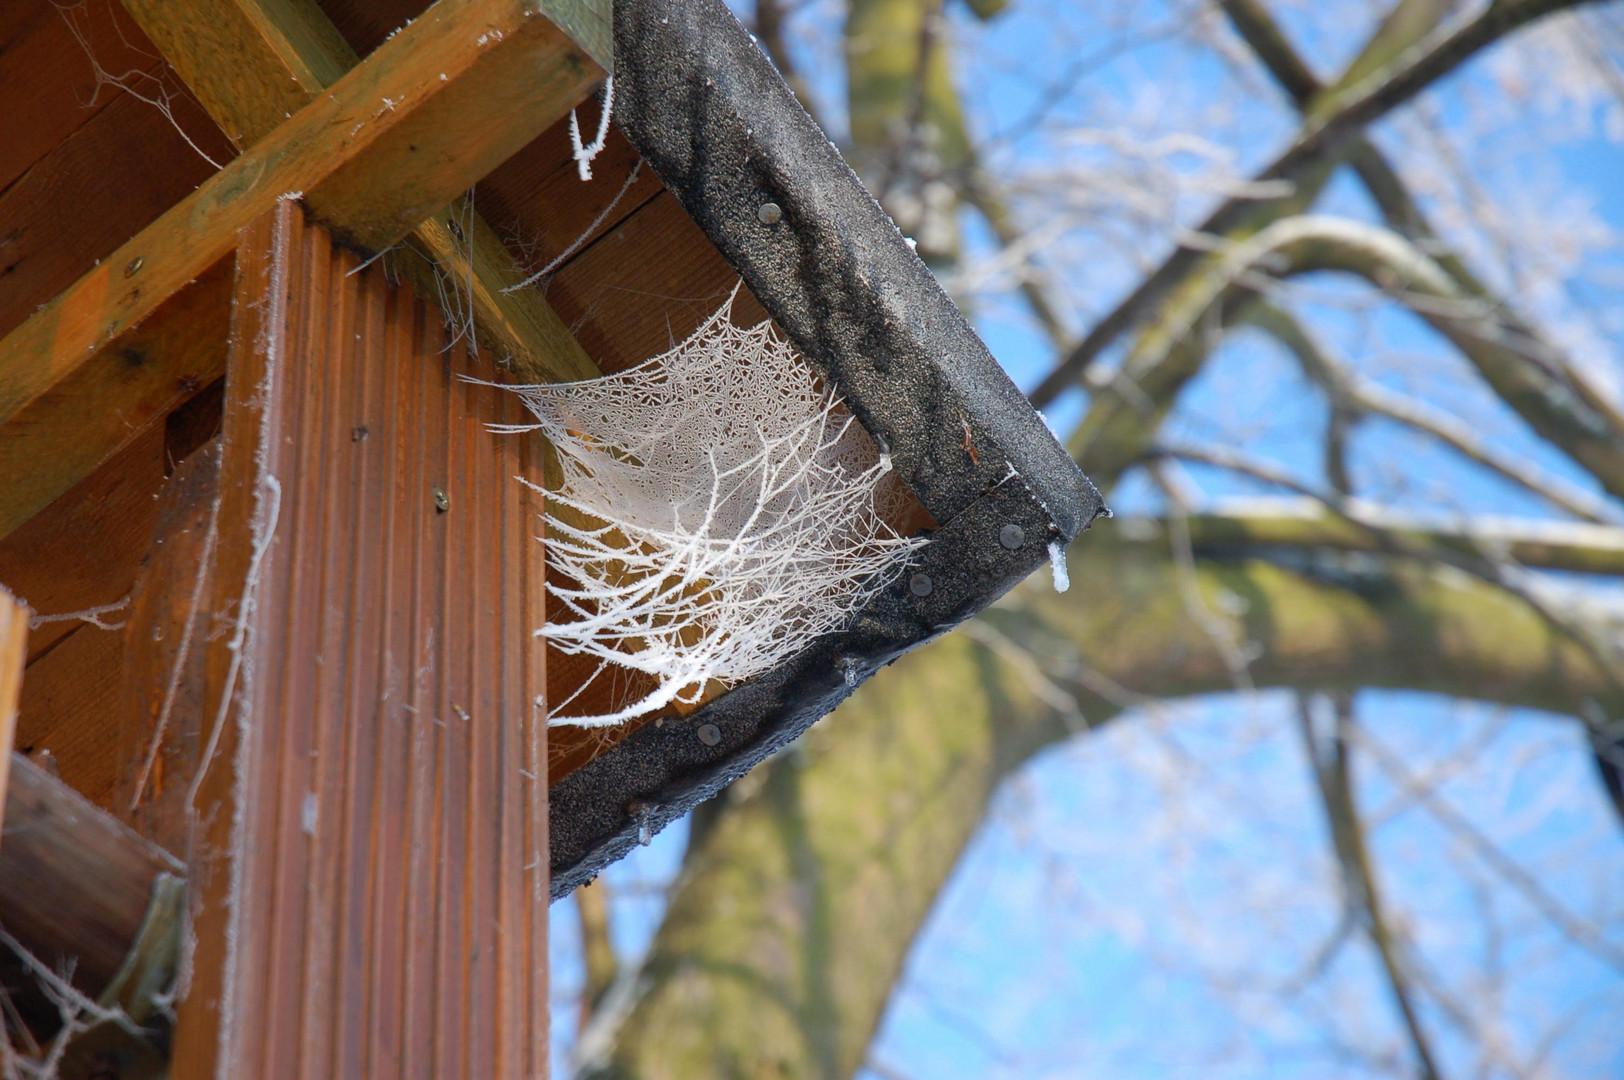 Winter am Baumhaus